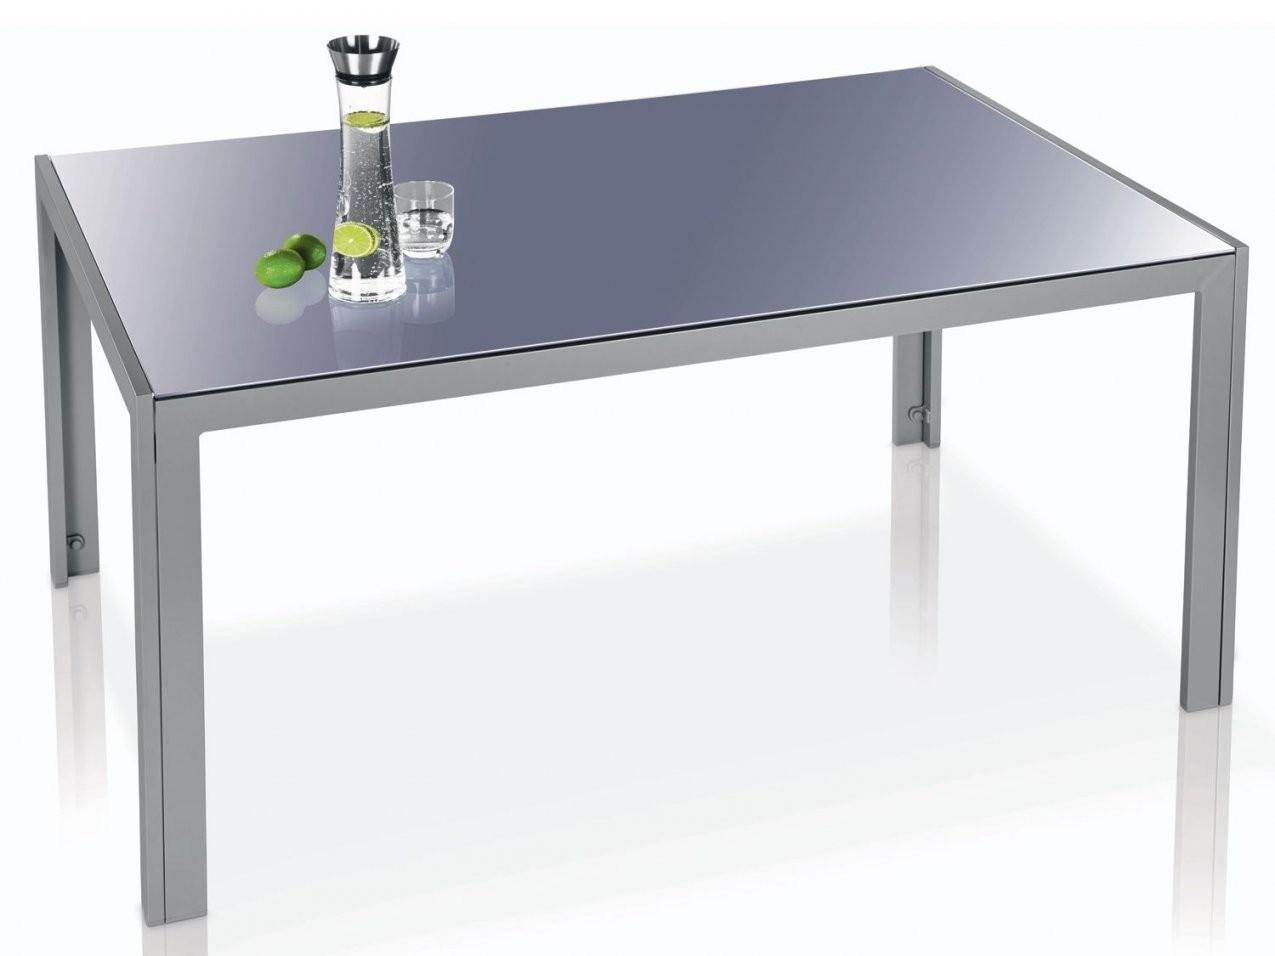 Aluminiumgartentisch Mit 6 Stühlen In Dunkel Oder Hellbraun  Tisch von Gartentisch Mit 6 Stühlen Bild